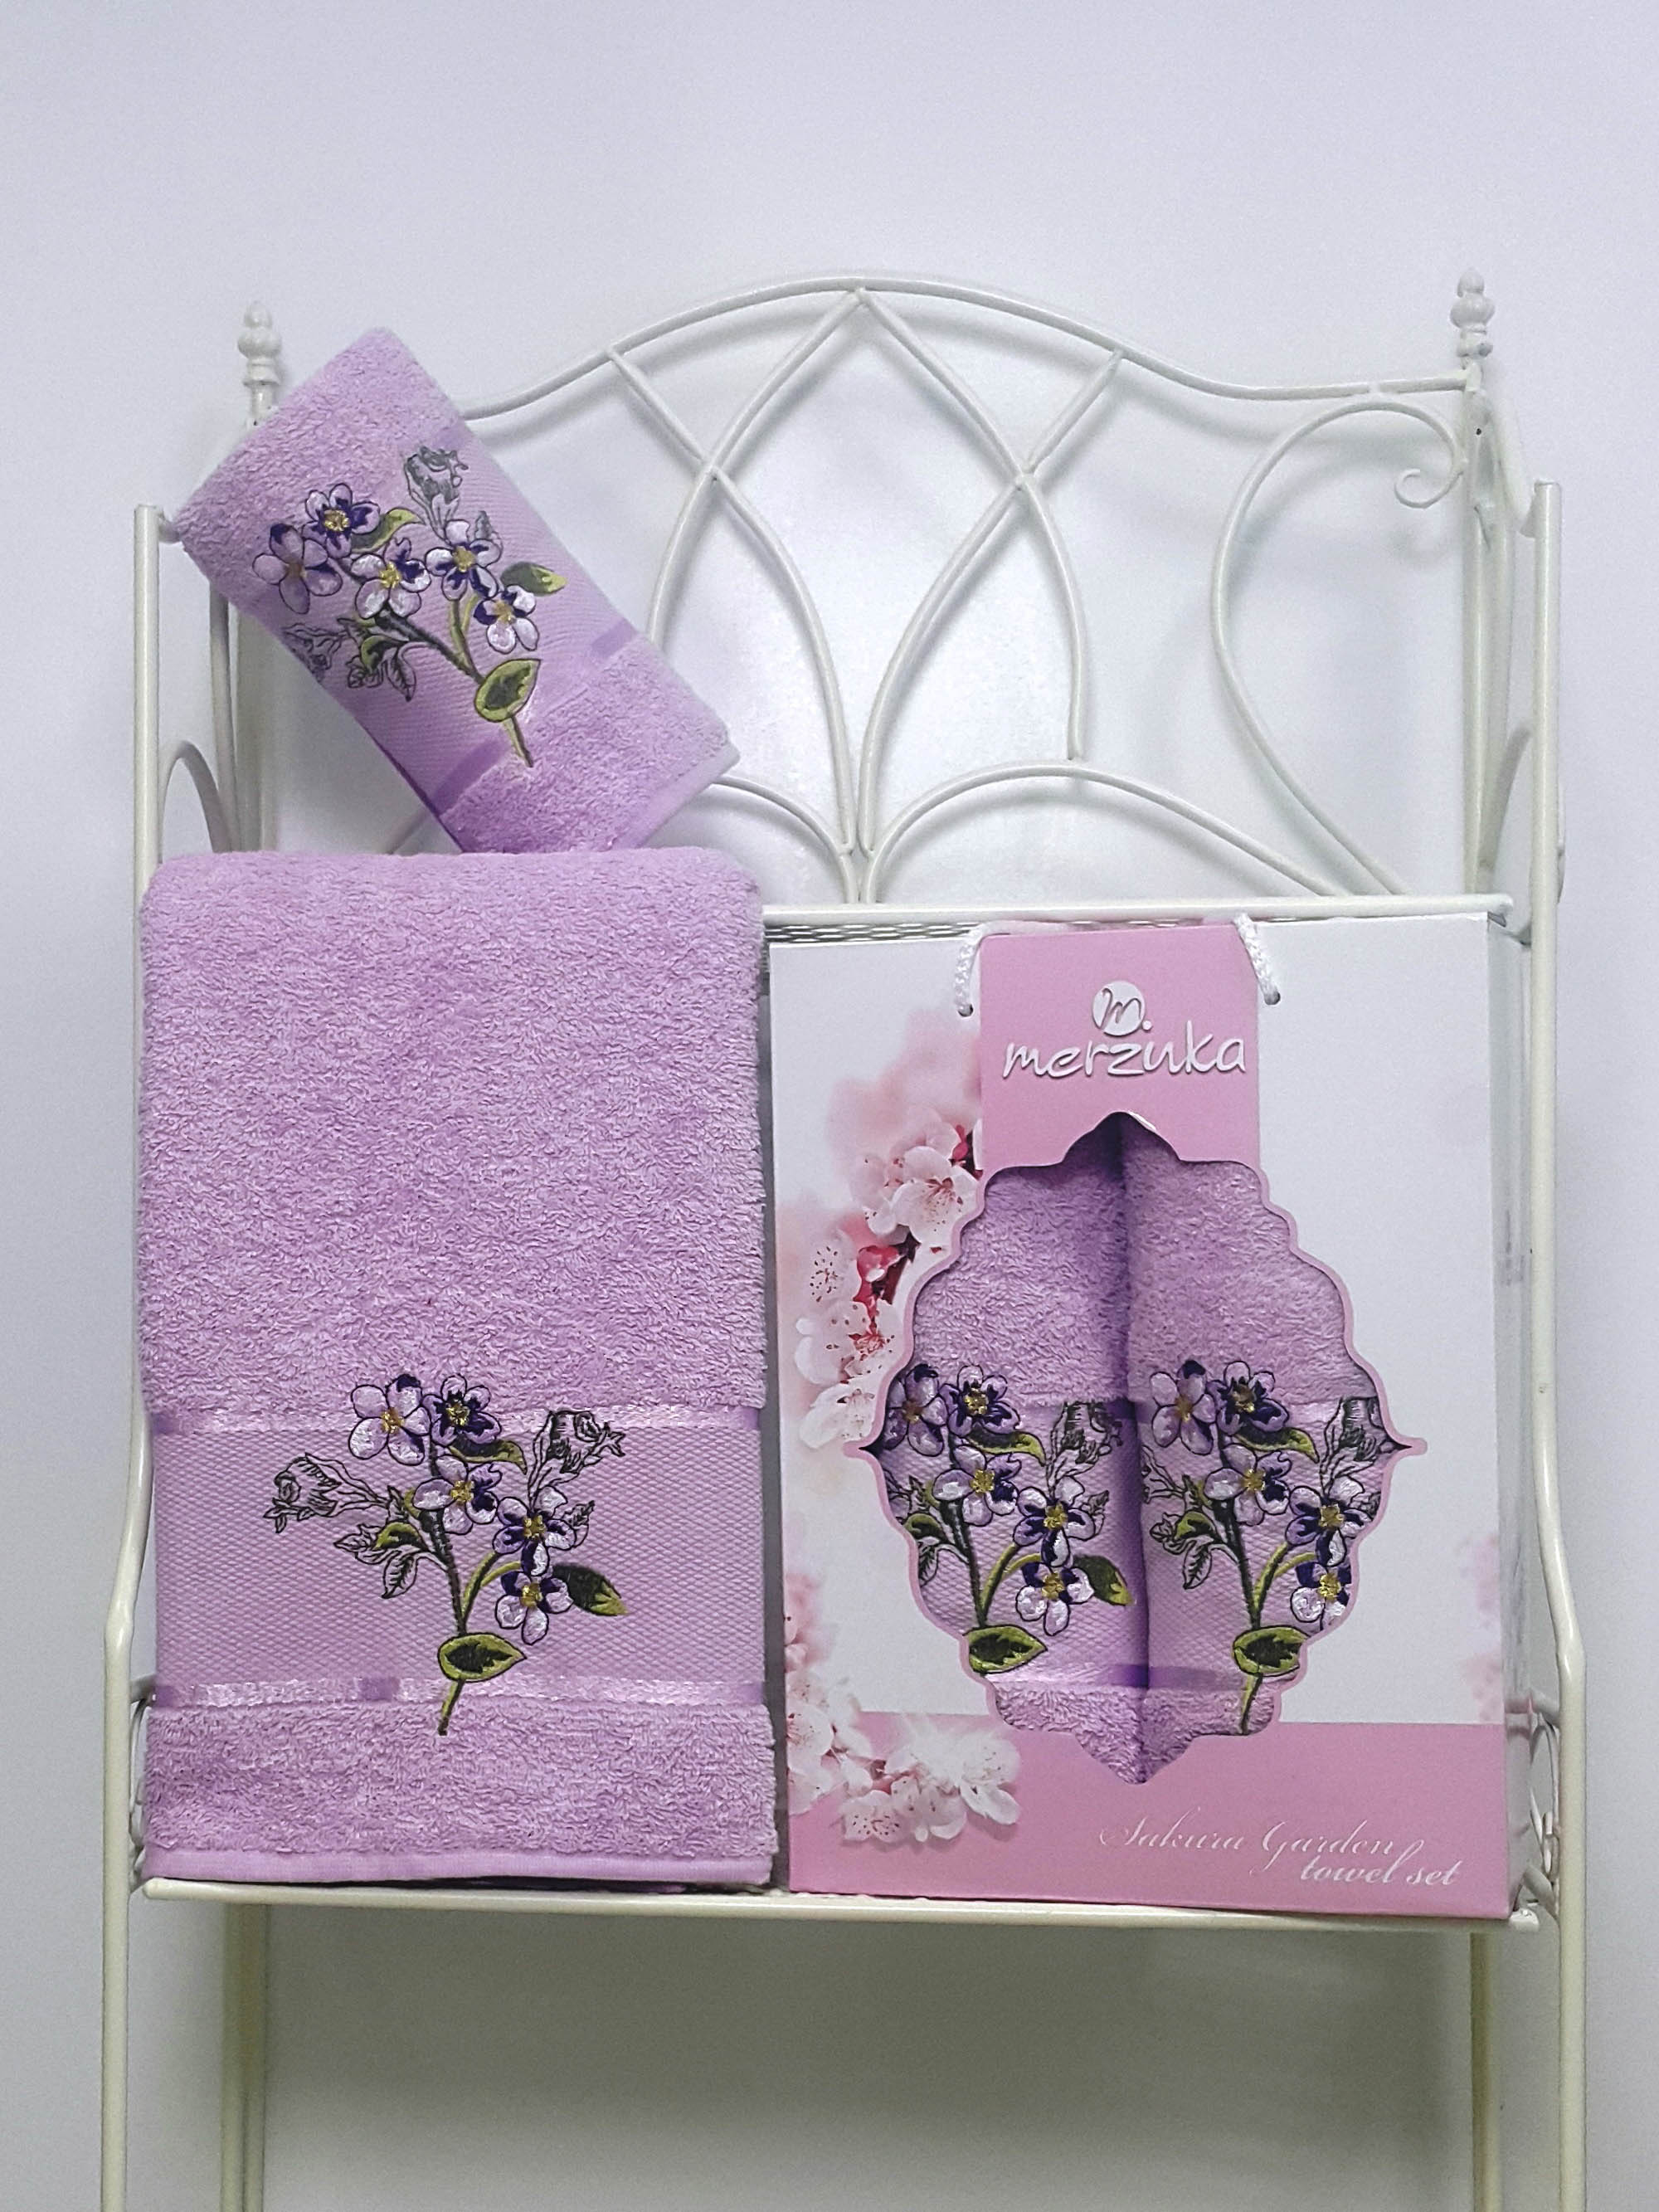 Полотенца Oran Merzuka Набор из 2 полотенец Sakura Garden Цвет: Сиреневый